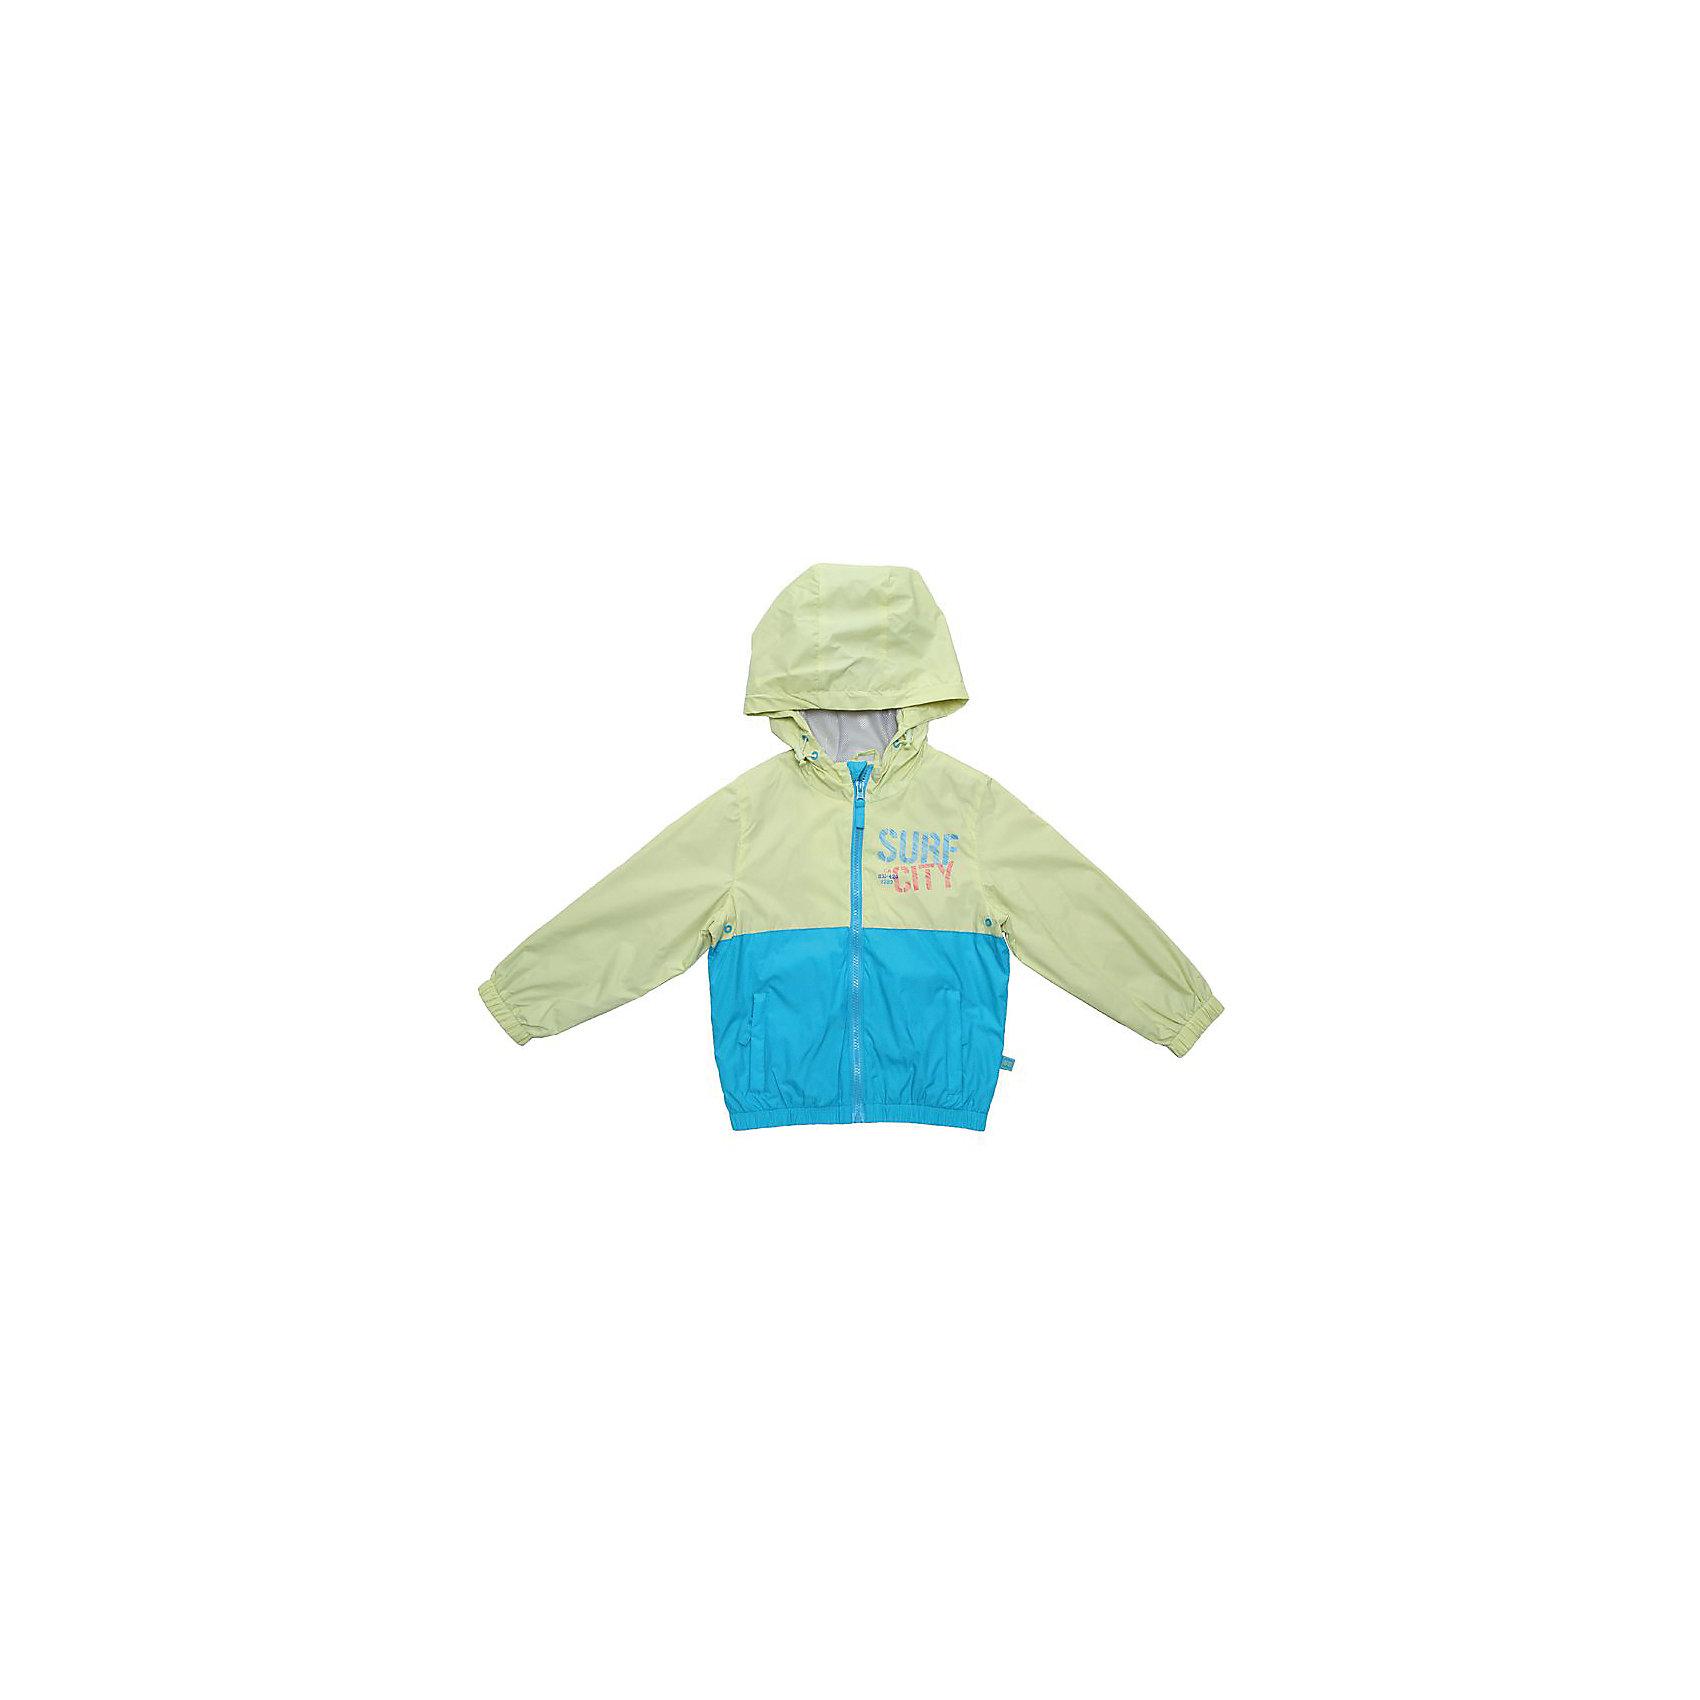 Ветровка для мальчика Sweet BerryВерхняя одежда<br>Яркая, модная ветровка из комбинированной плащевой ткани. Внутри подкладка - сетка. Утяжка на капюшоне. Ветровка декорирована принтом. <br>Состав:<br>Верх: 100% нейлон Подкладка: 100% полиэстер<br><br>Ширина мм: 356<br>Глубина мм: 10<br>Высота мм: 245<br>Вес г: 519<br>Цвет: разноцветный<br>Возраст от месяцев: 60<br>Возраст до месяцев: 72<br>Пол: Мужской<br>Возраст: Детский<br>Размер: 116,98,110,128,122,104<br>SKU: 4020338